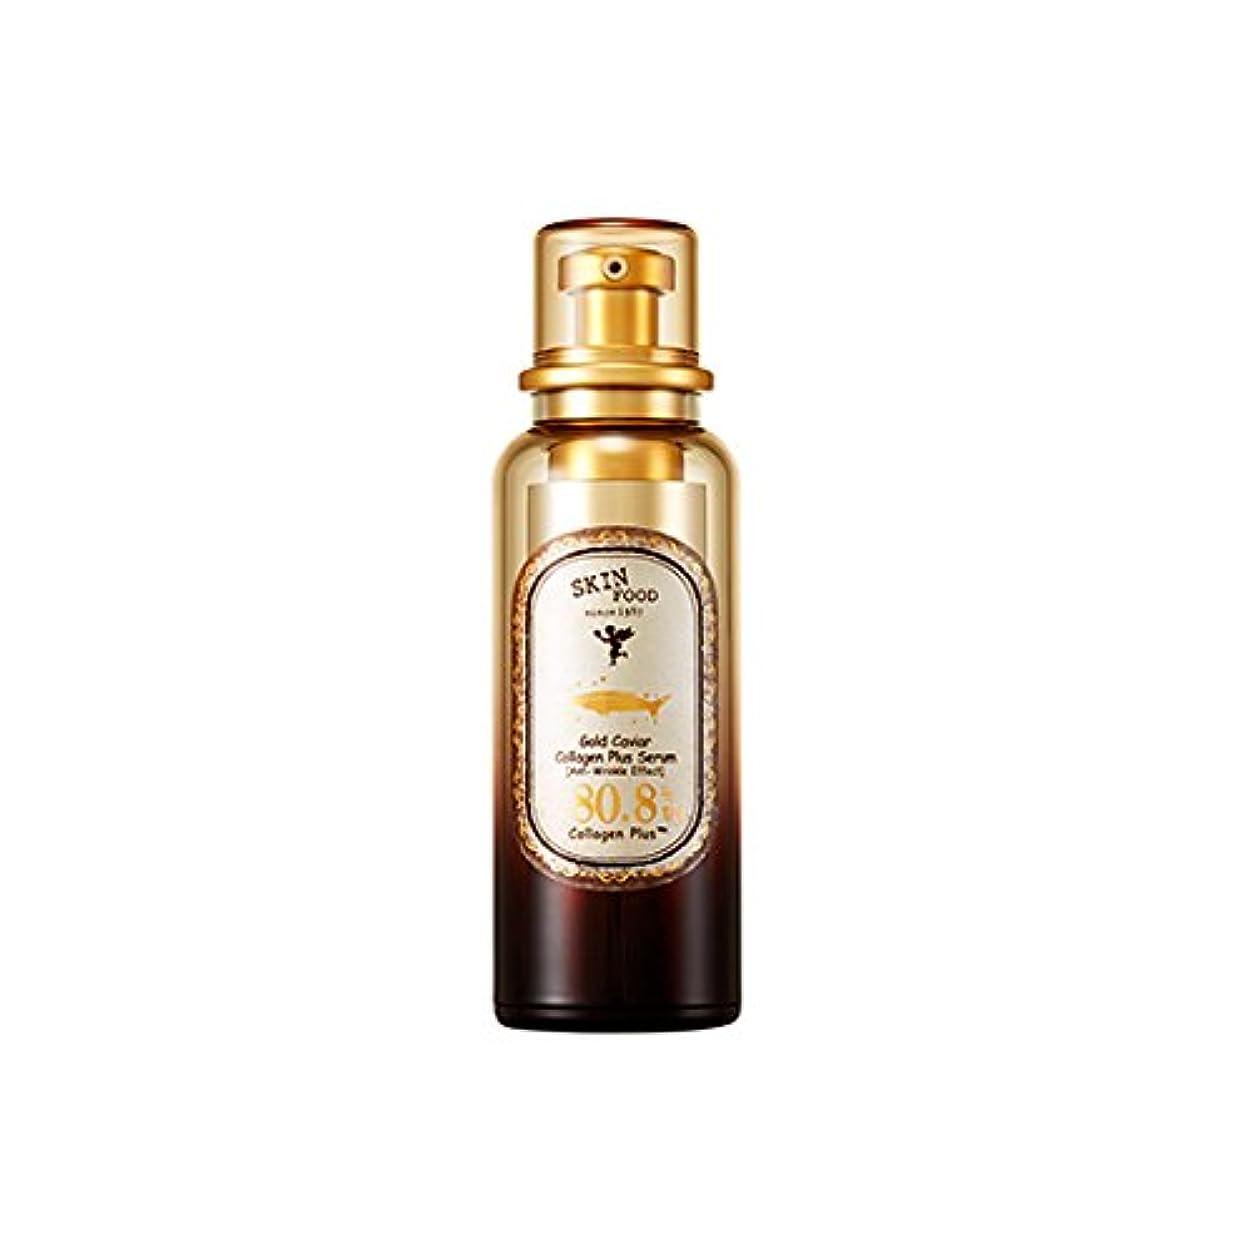 乱用沿ってうぬぼれSkinfood ゴールドキャビアコラーゲンプラスセラム(しわ防止効果) / Gold Caviar Collagen Plus Serum (Anti-wrinkle Effect) 40ml [並行輸入品]